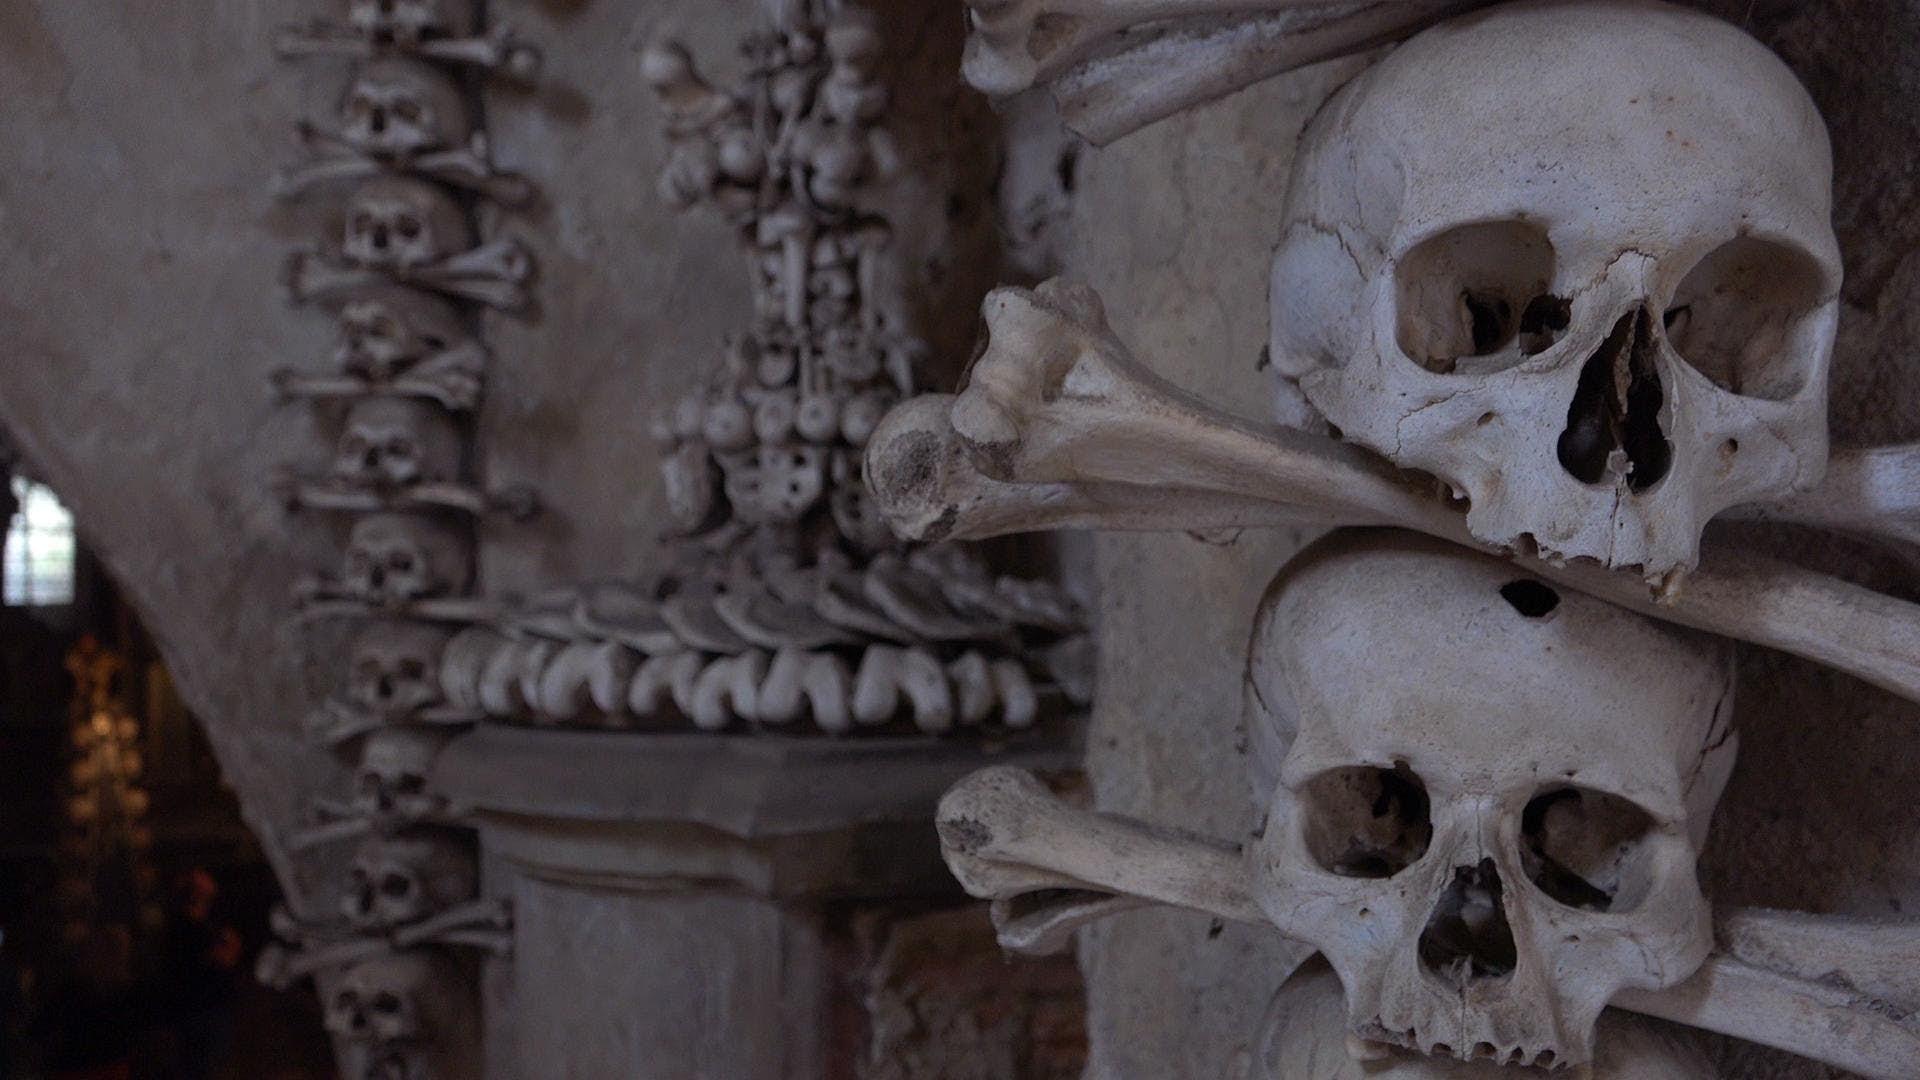 The bone church of the Czech Republic